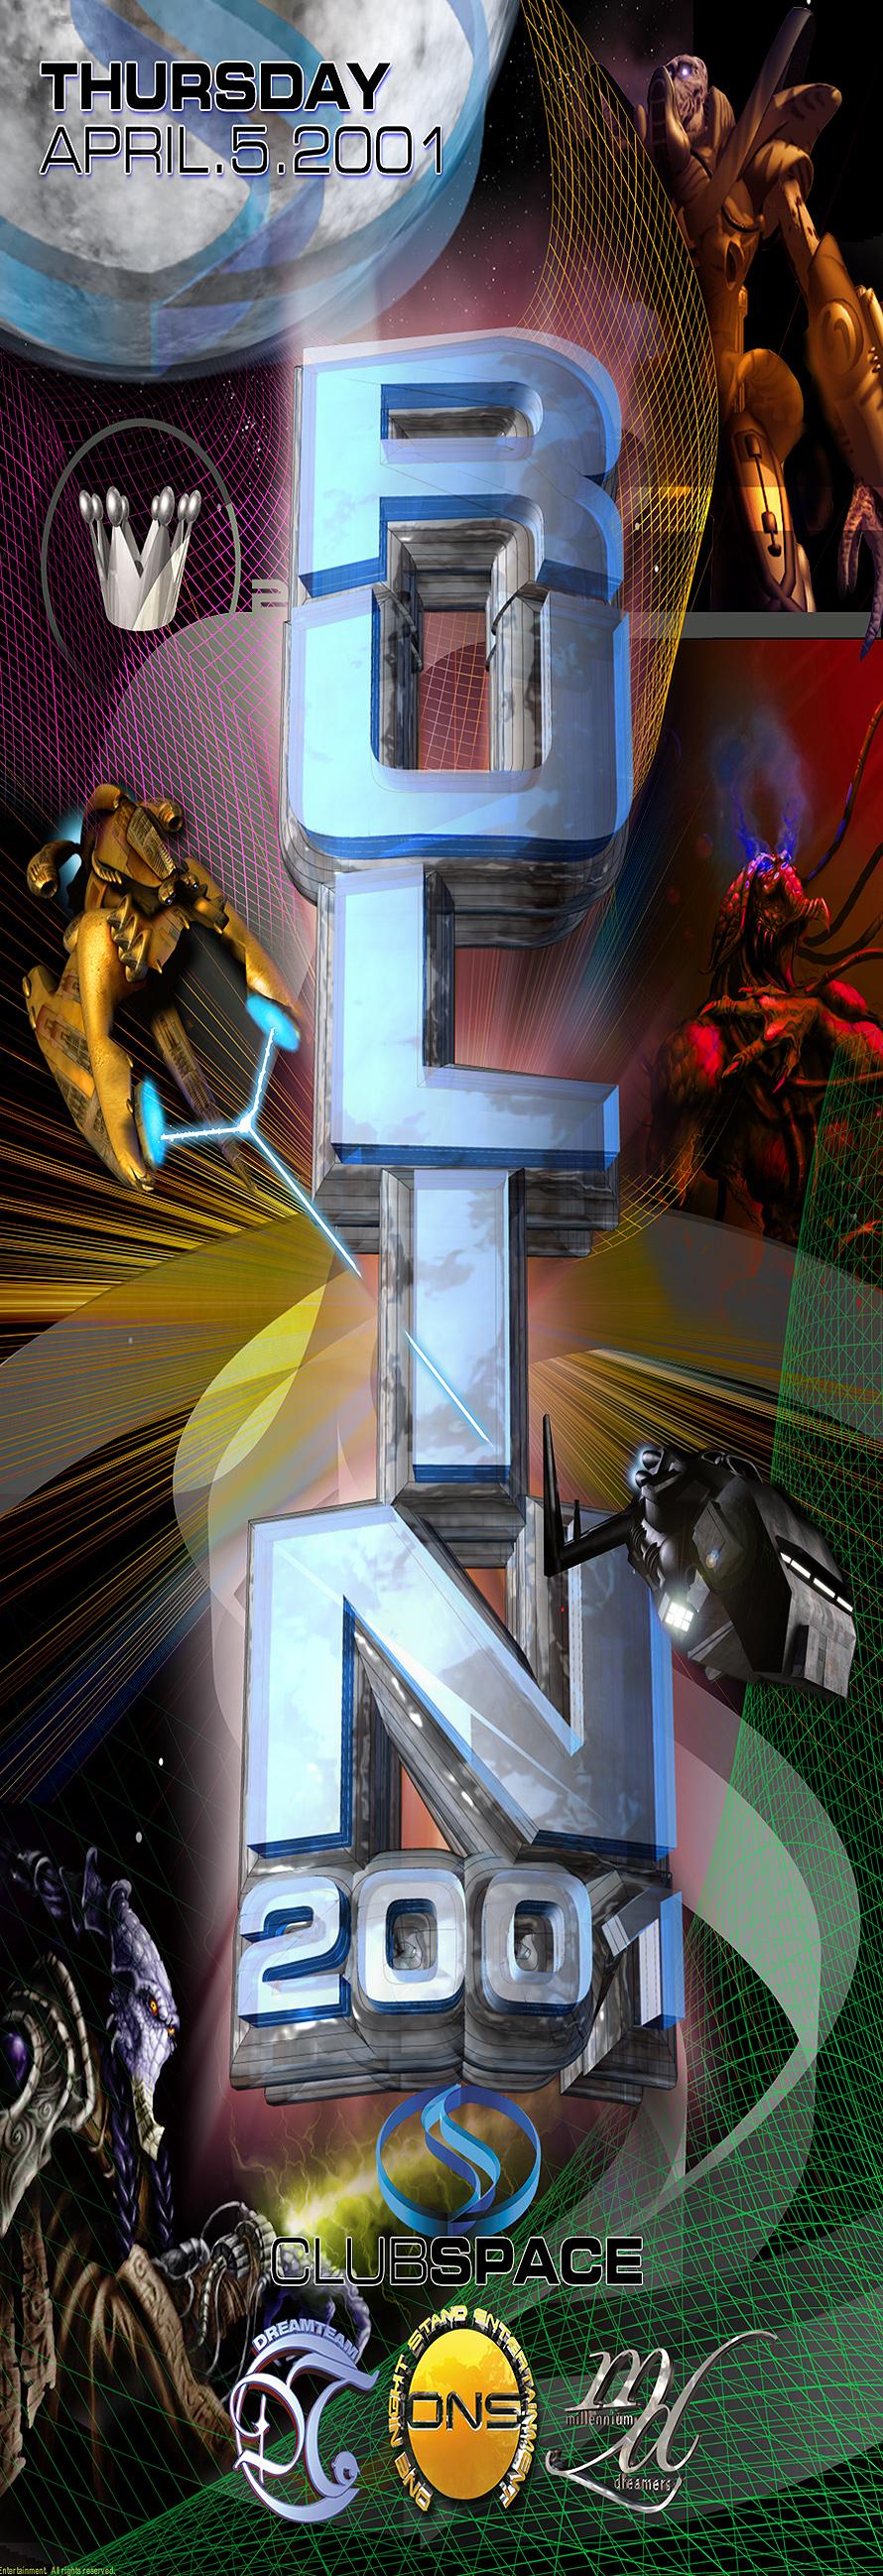 Rulin 2001 Club Space